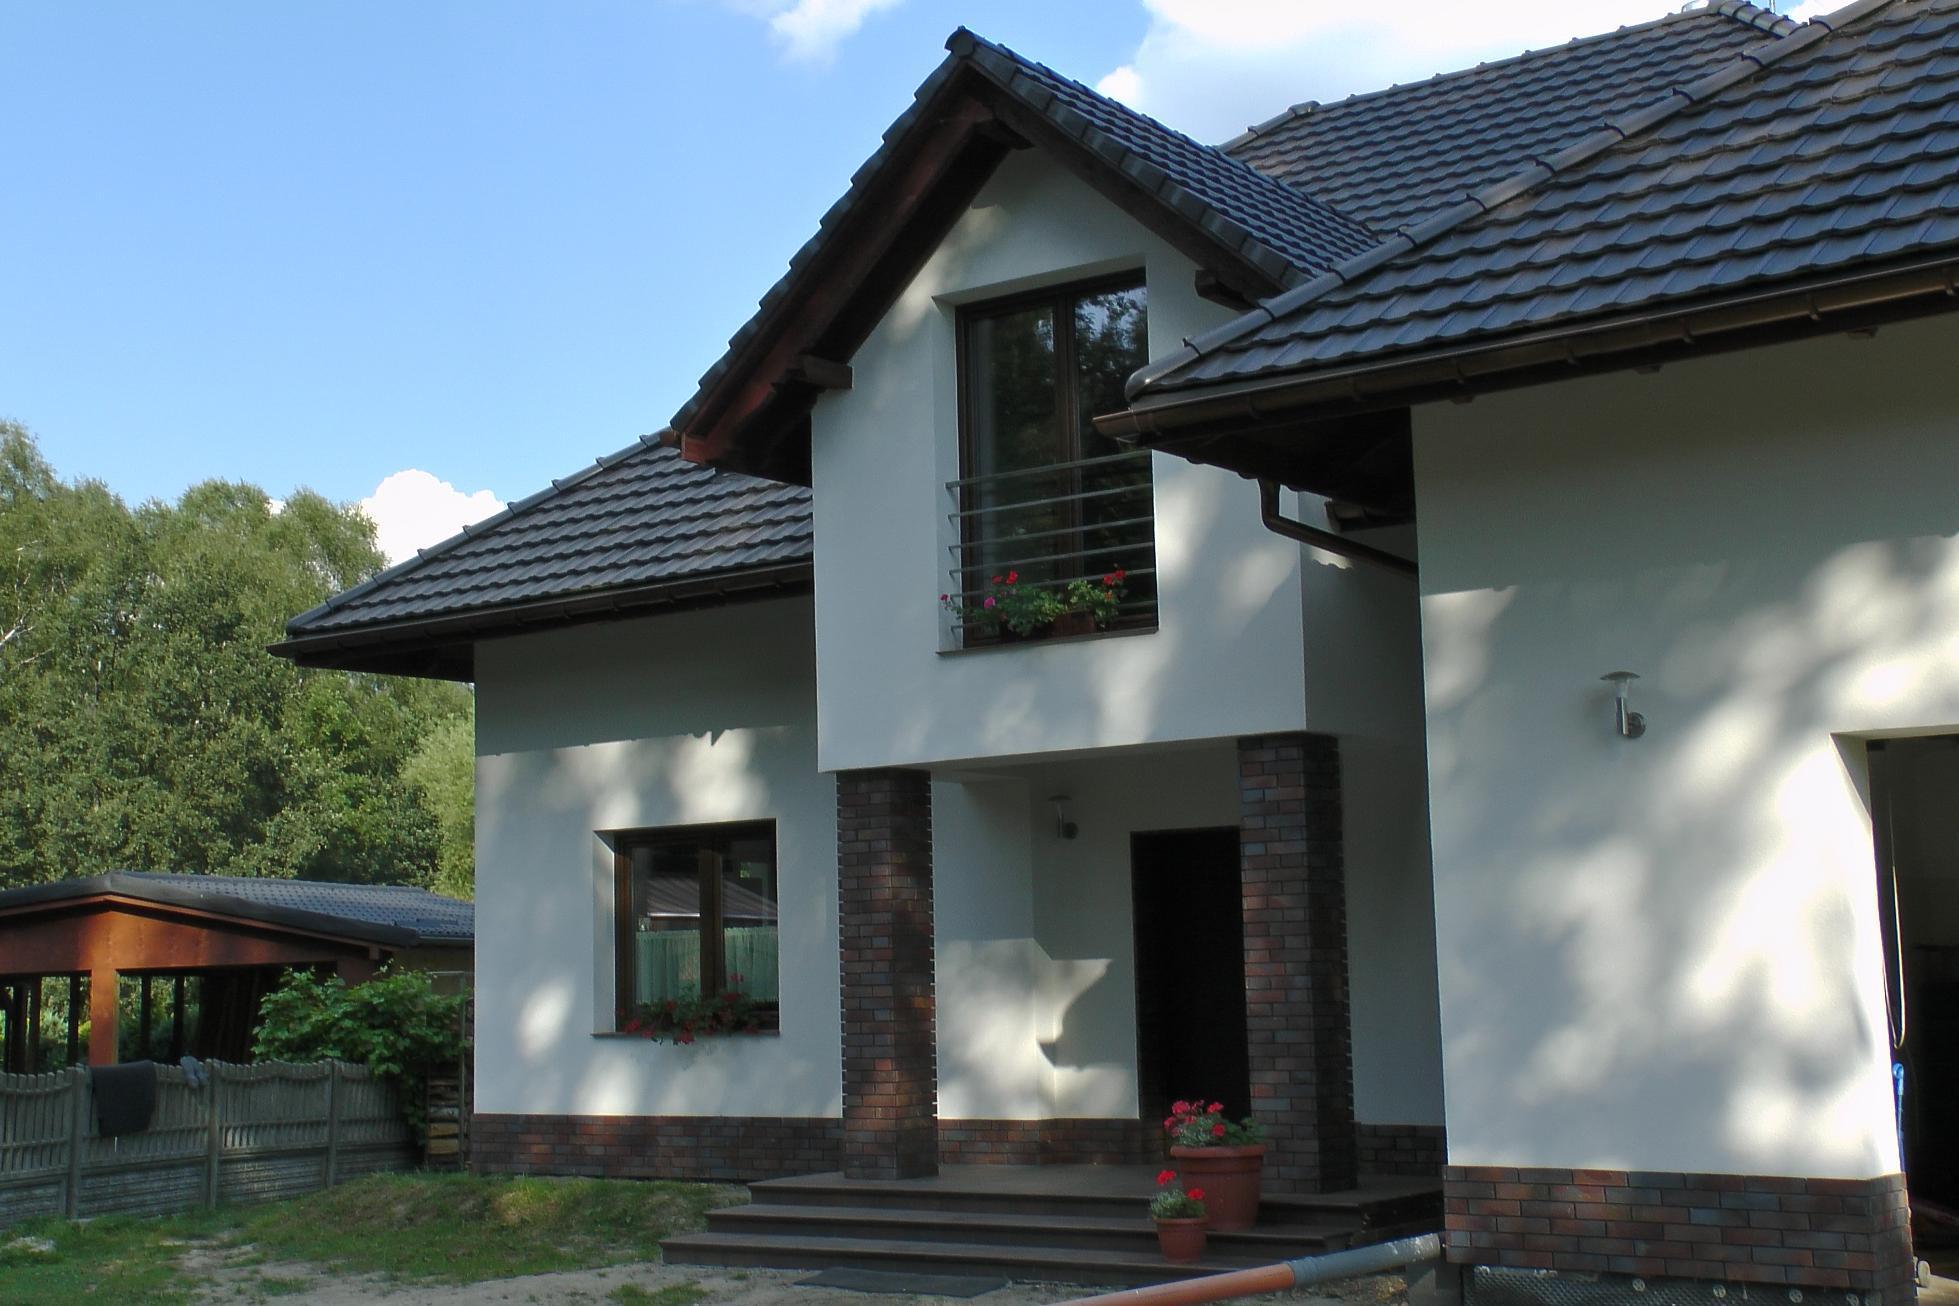 ewa-piotrowska-1375810561_3-1385122156-o2tgypre.jpg